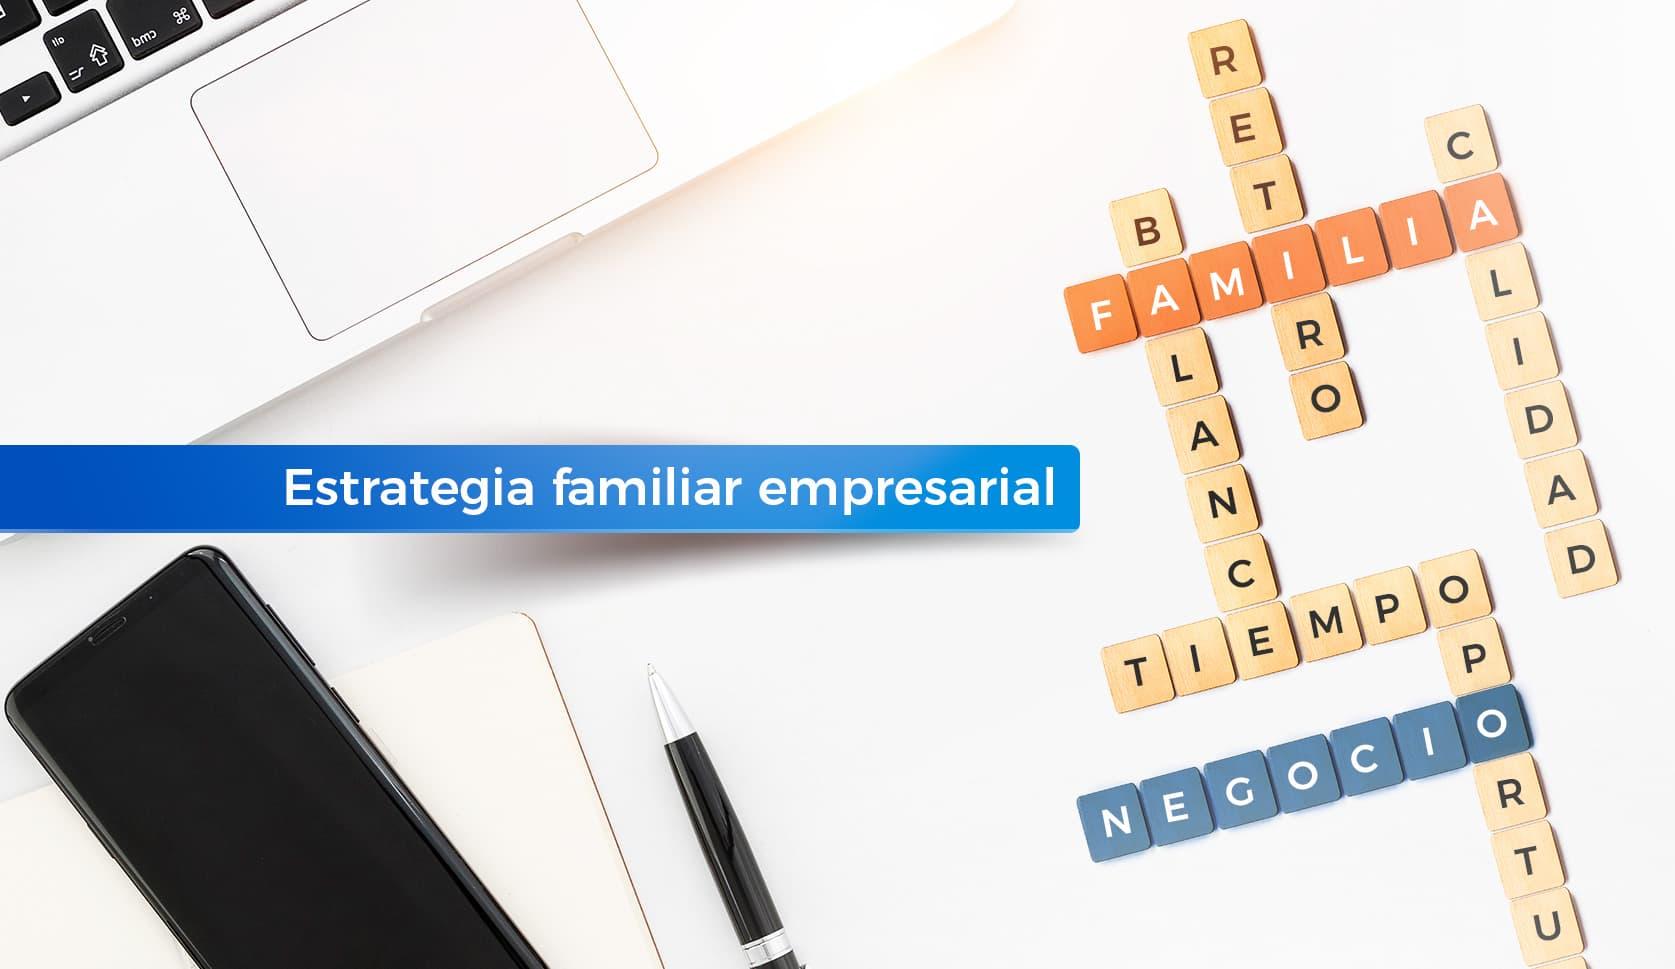 Estrategia familiar empresarial